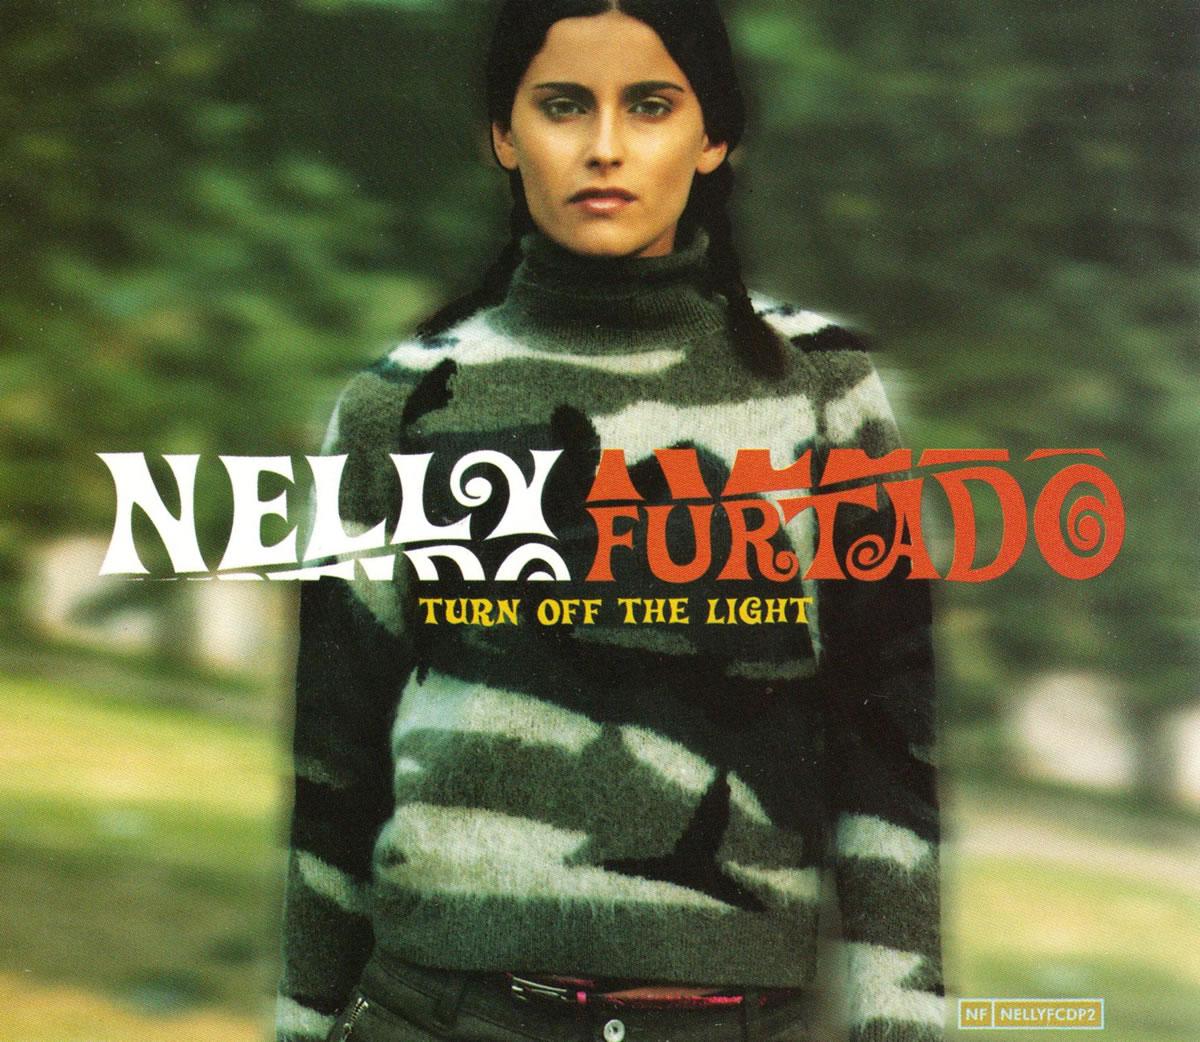 Nelly Furtado Turn Off The Light hitparade.ch